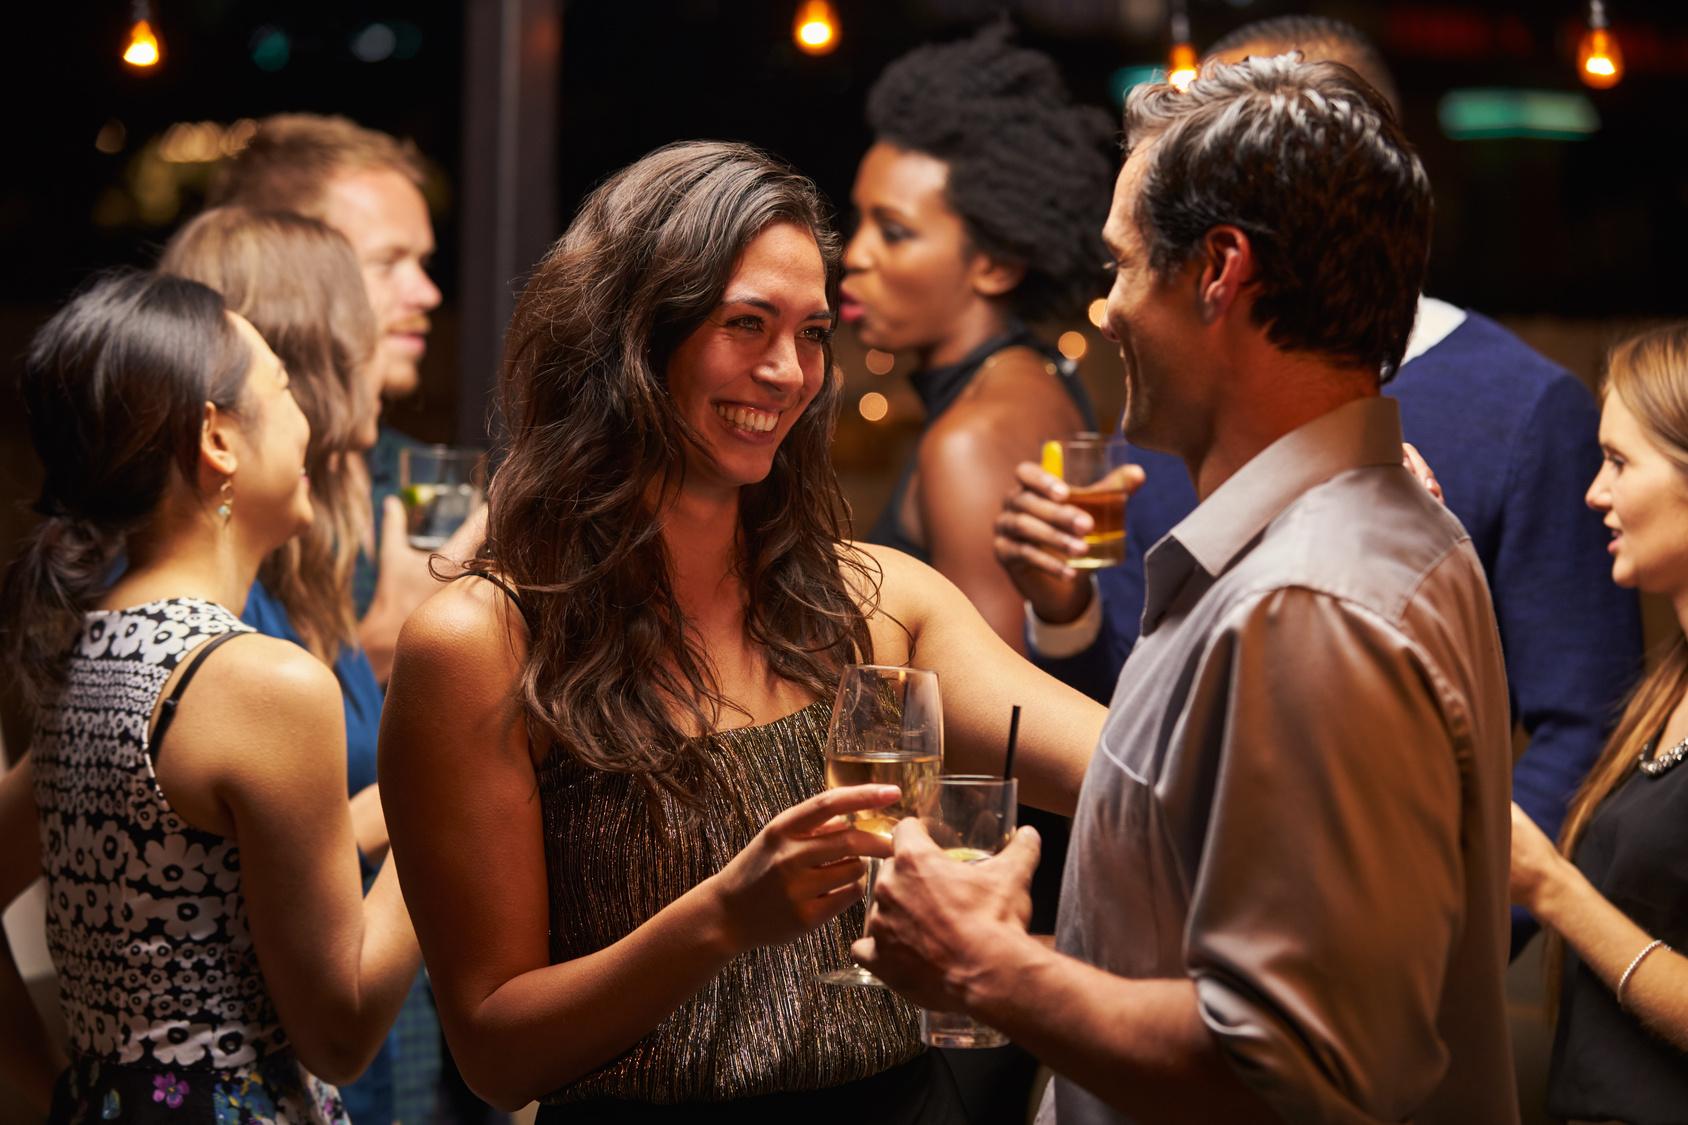 sharing wife party fkk clubs stuttgart